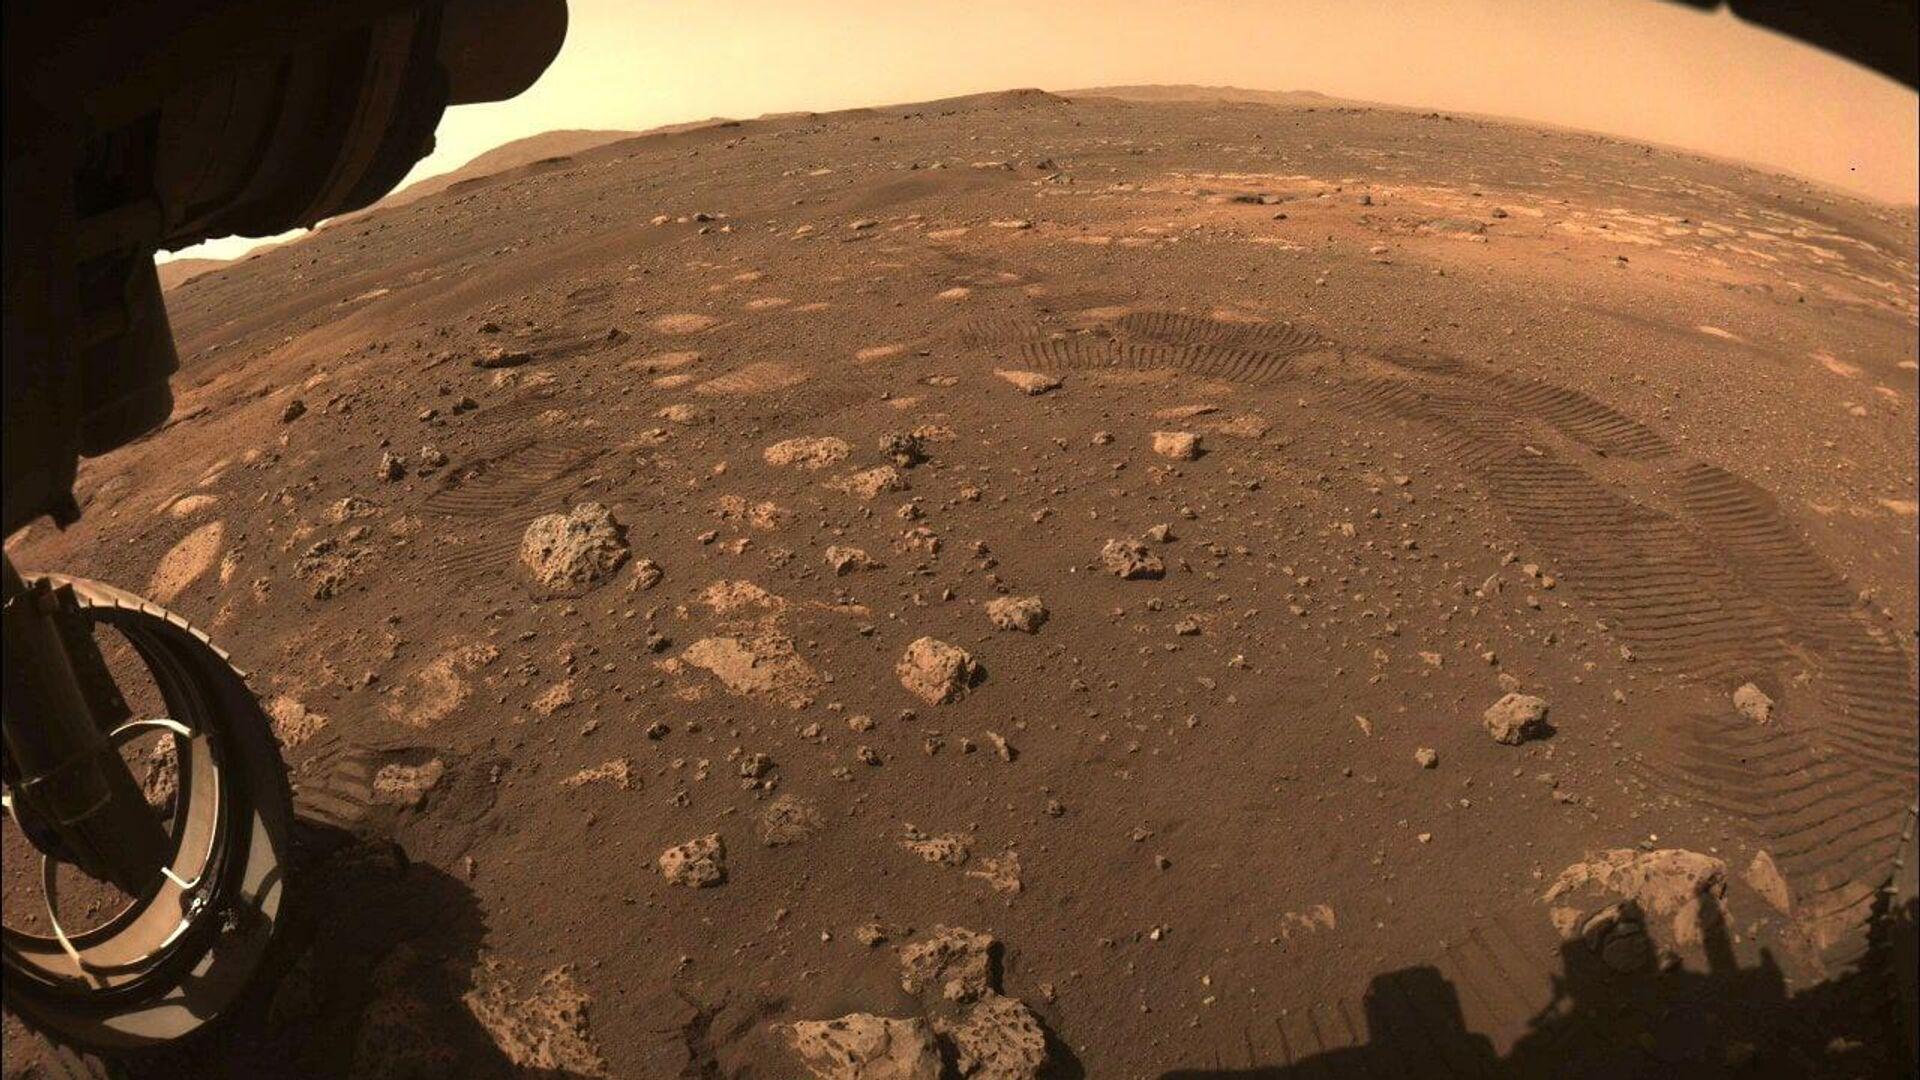 Снимок Марса, сделанный марсоходом Perseverance - РИА Новости, 1920, 06.03.2021